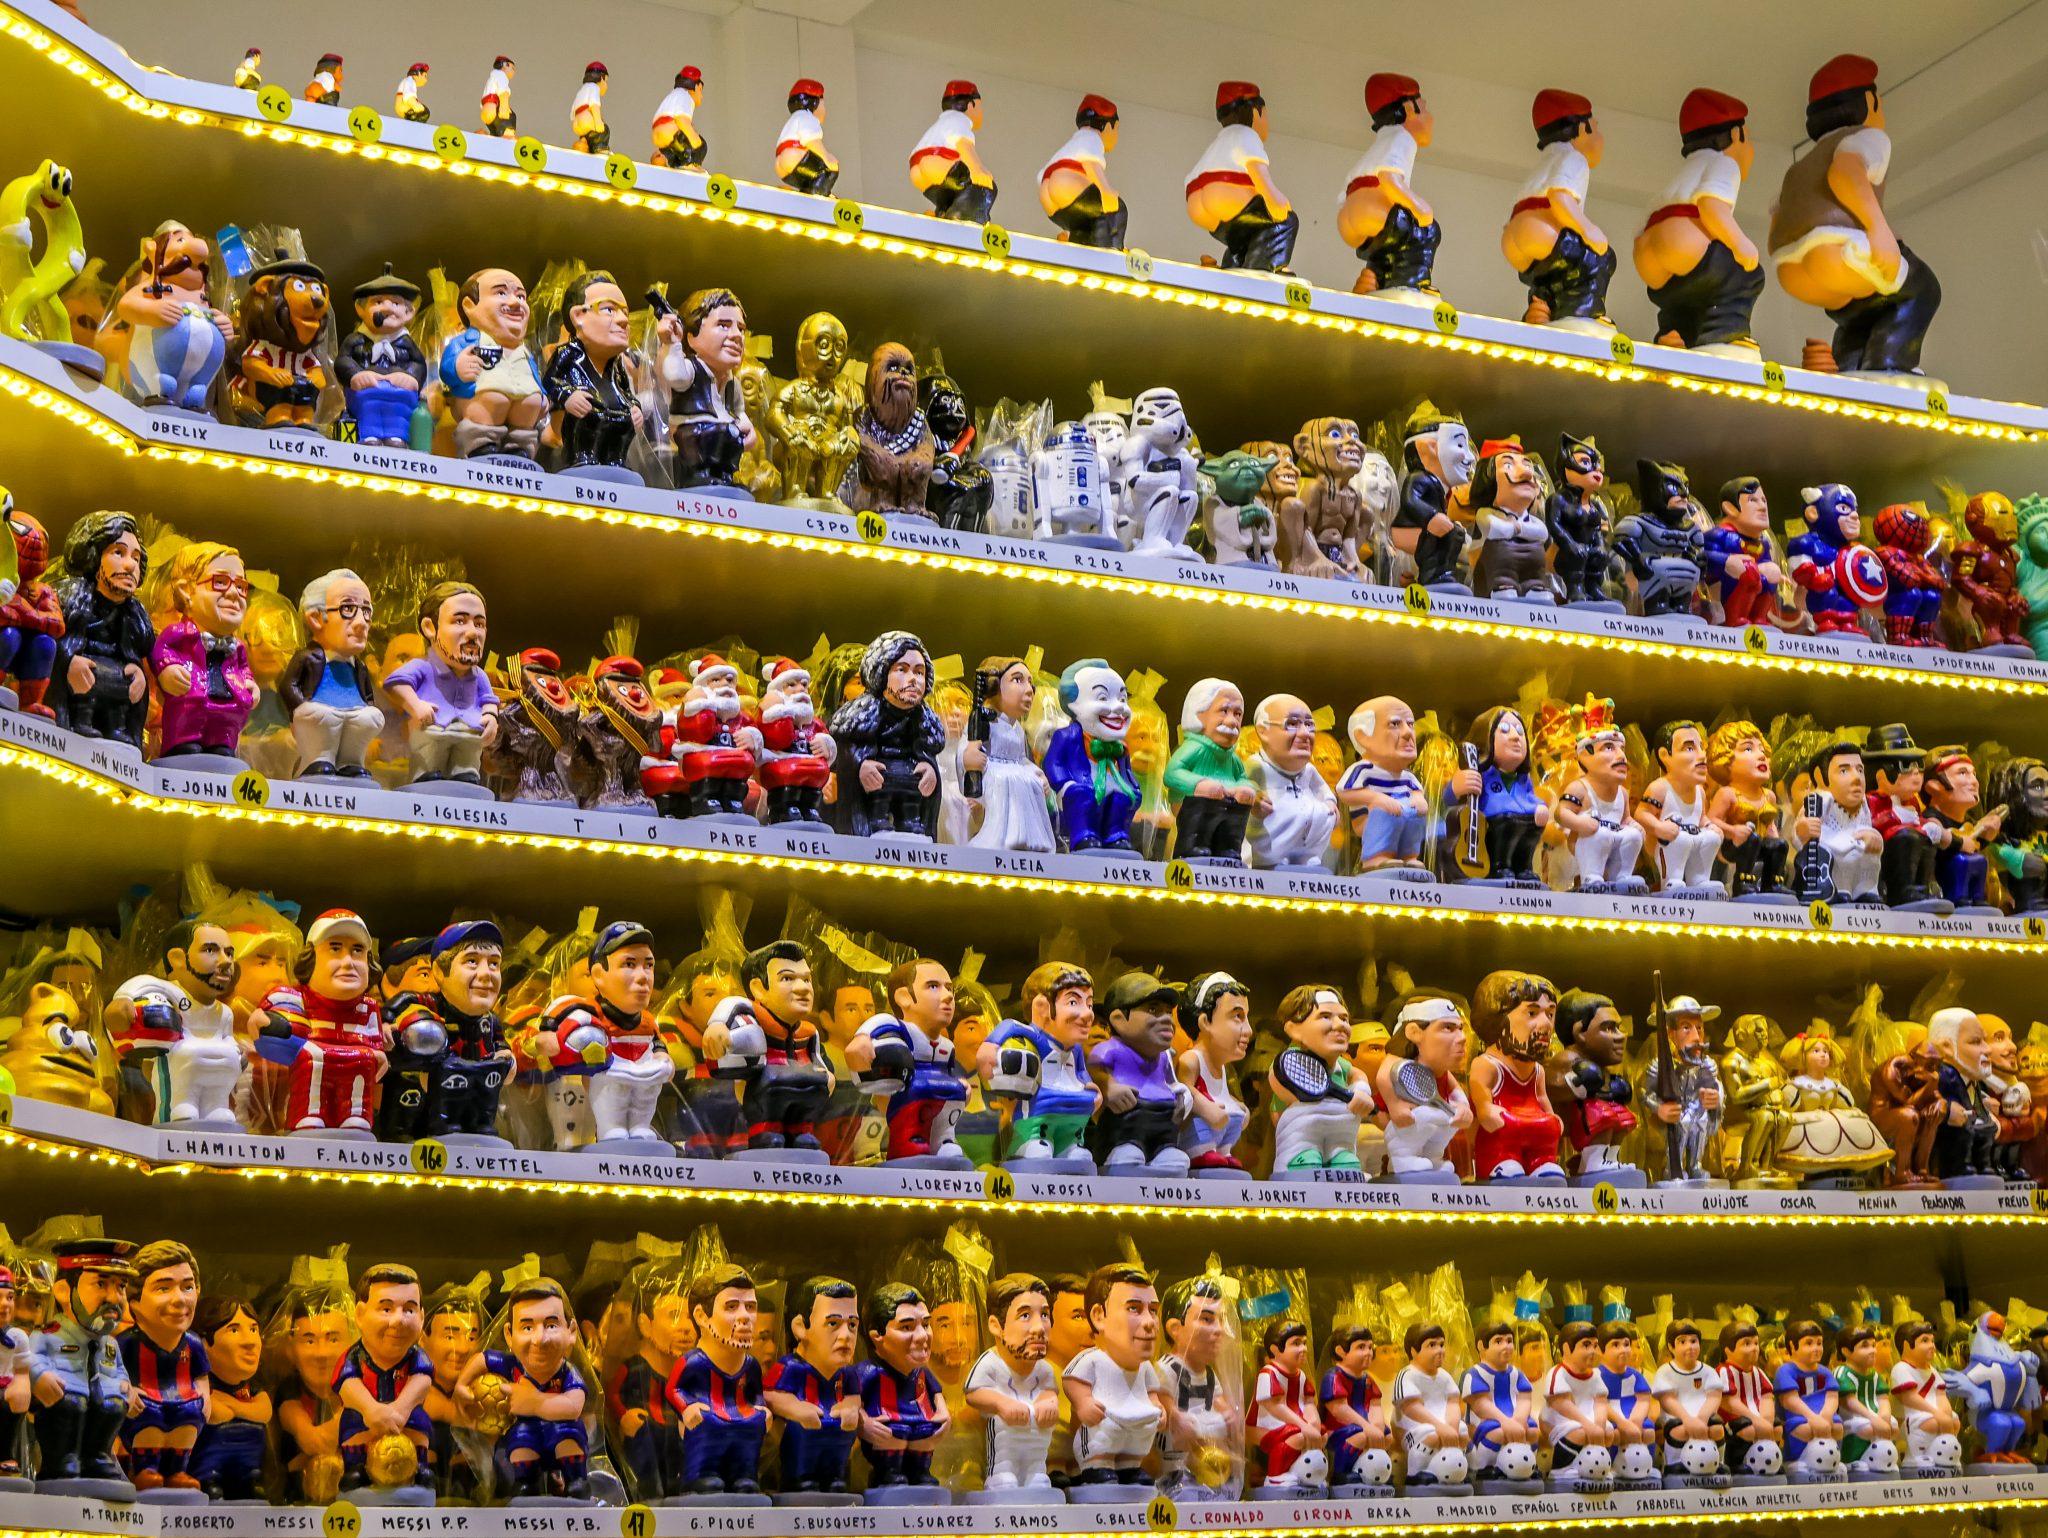 Von den Simpsons bis Merkel, alle Berufsbilder und Prominenten sind vertreten und niemand bleibt verschont.